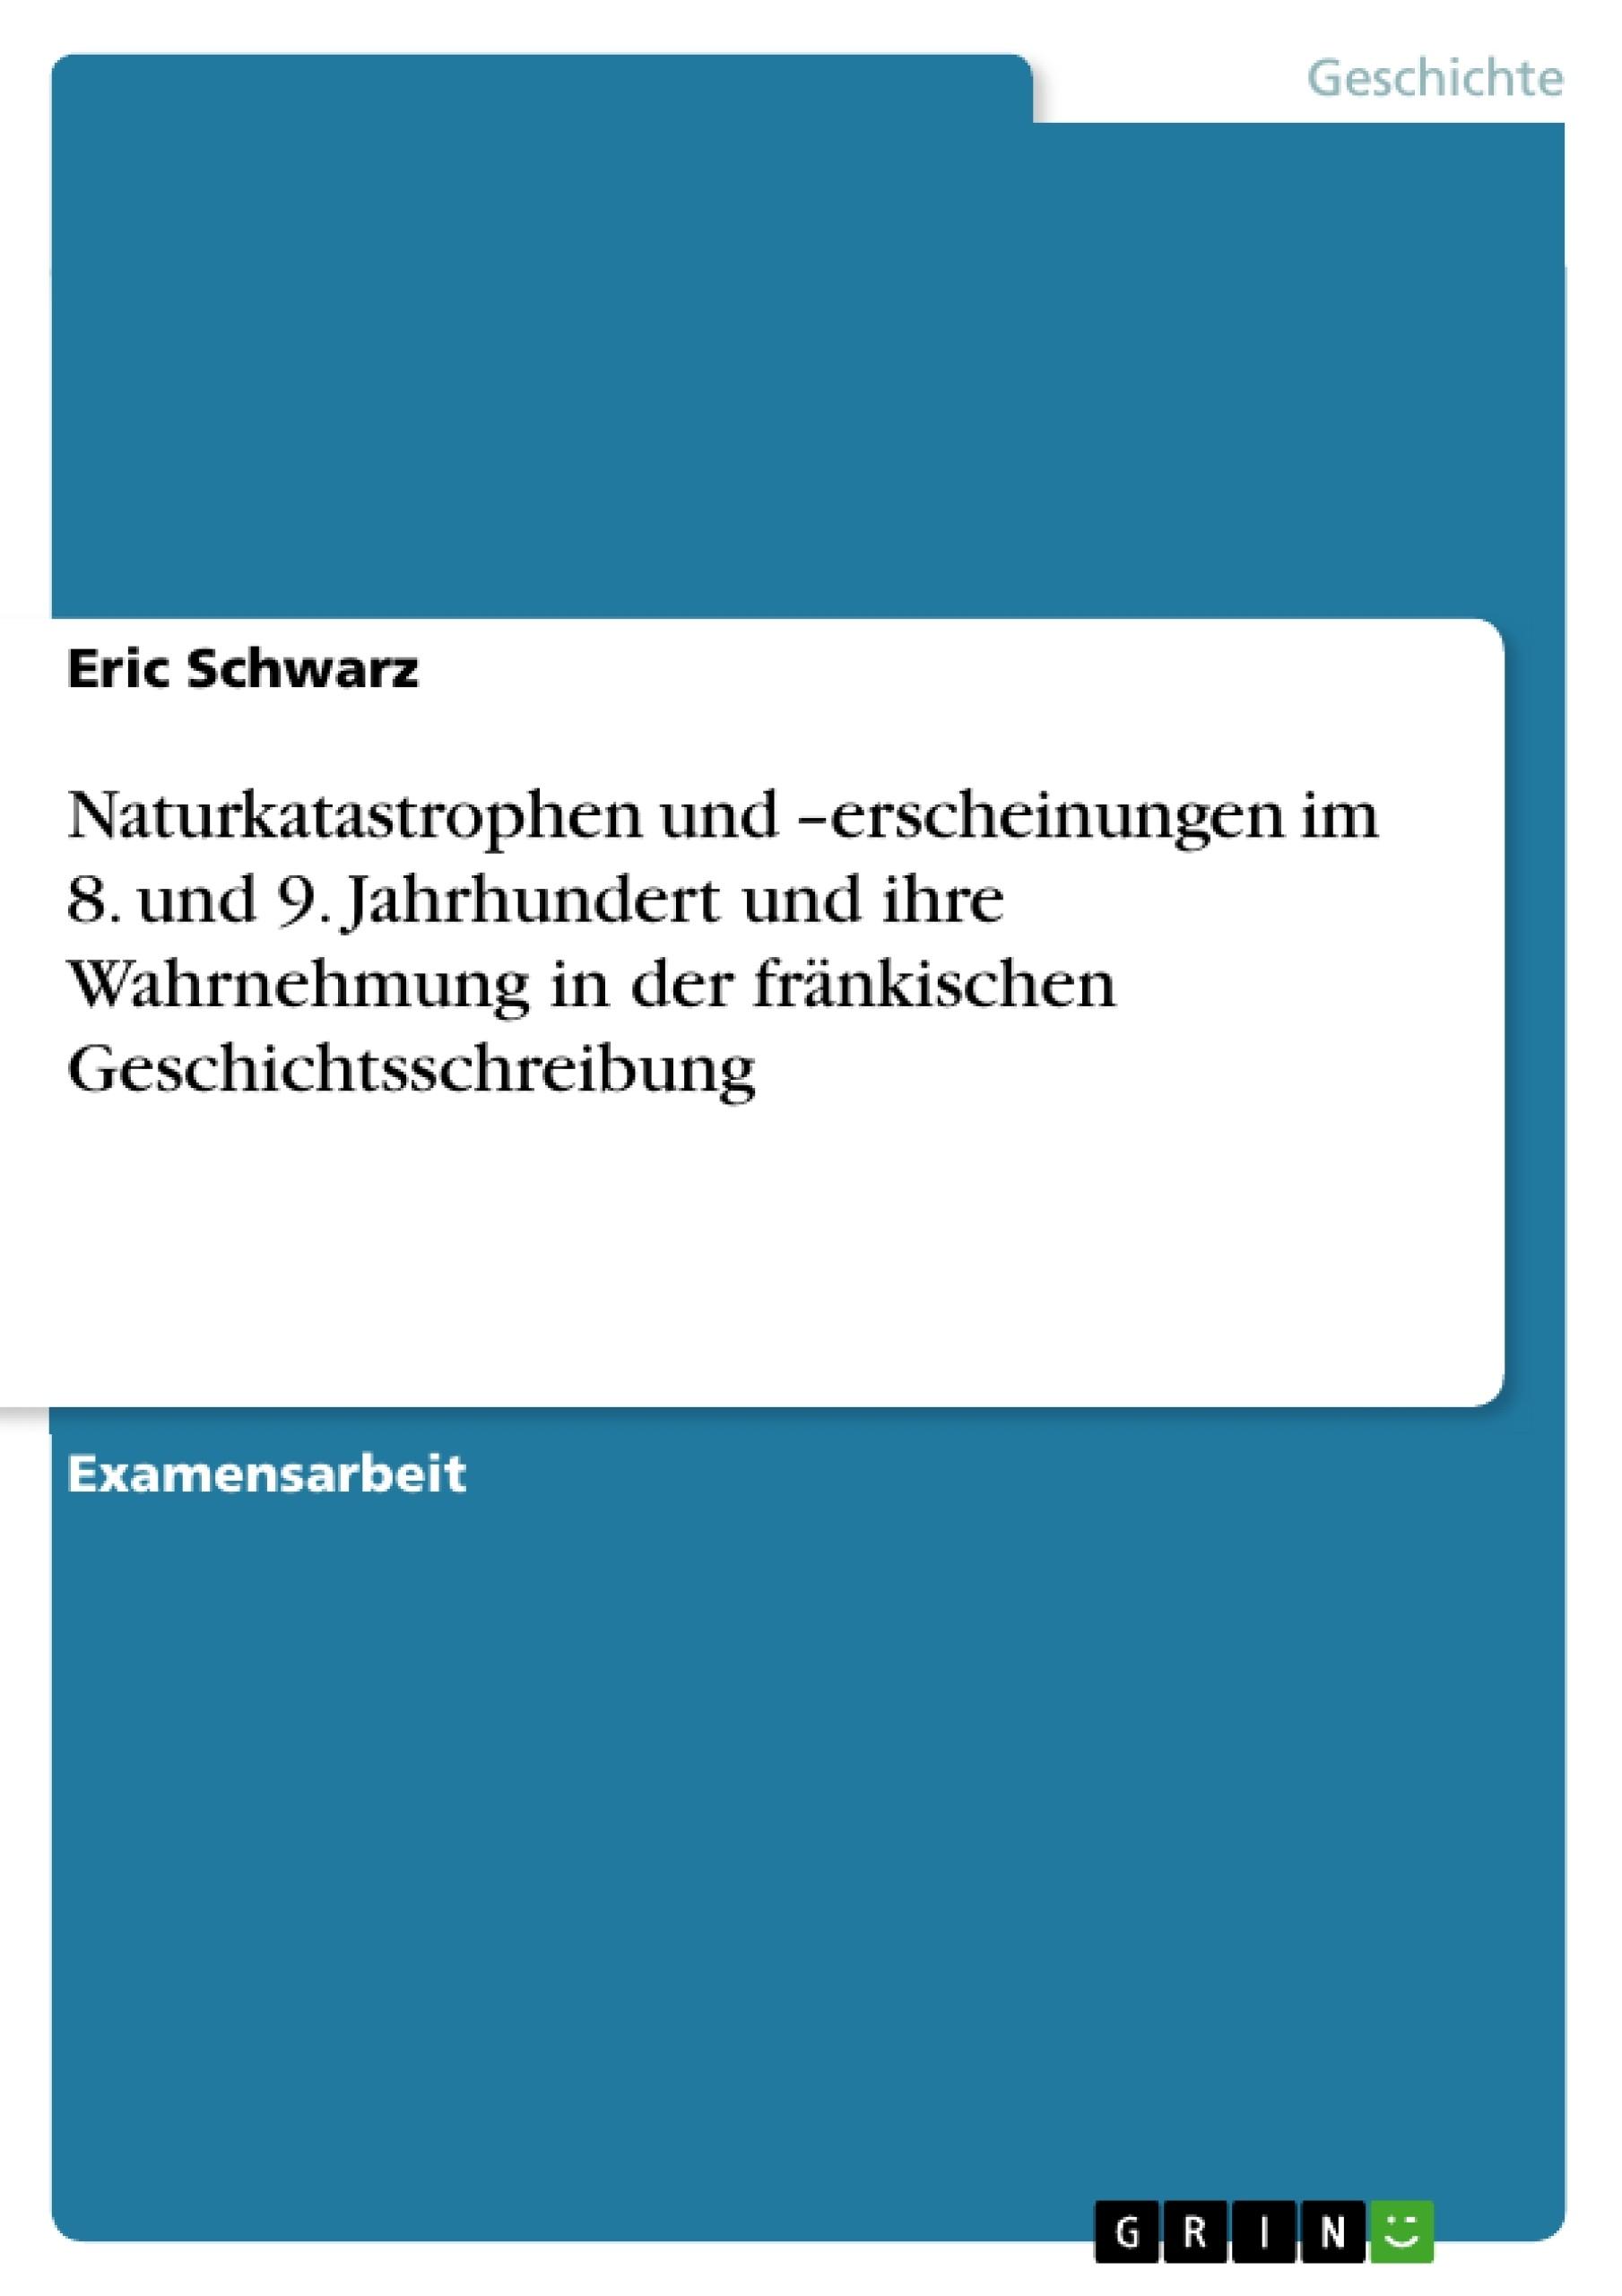 Titel: Naturkatastrophen und –erscheinungen im 8. und 9. Jahrhundert und ihre Wahrnehmung in der fränkischen Geschichtsschreibung